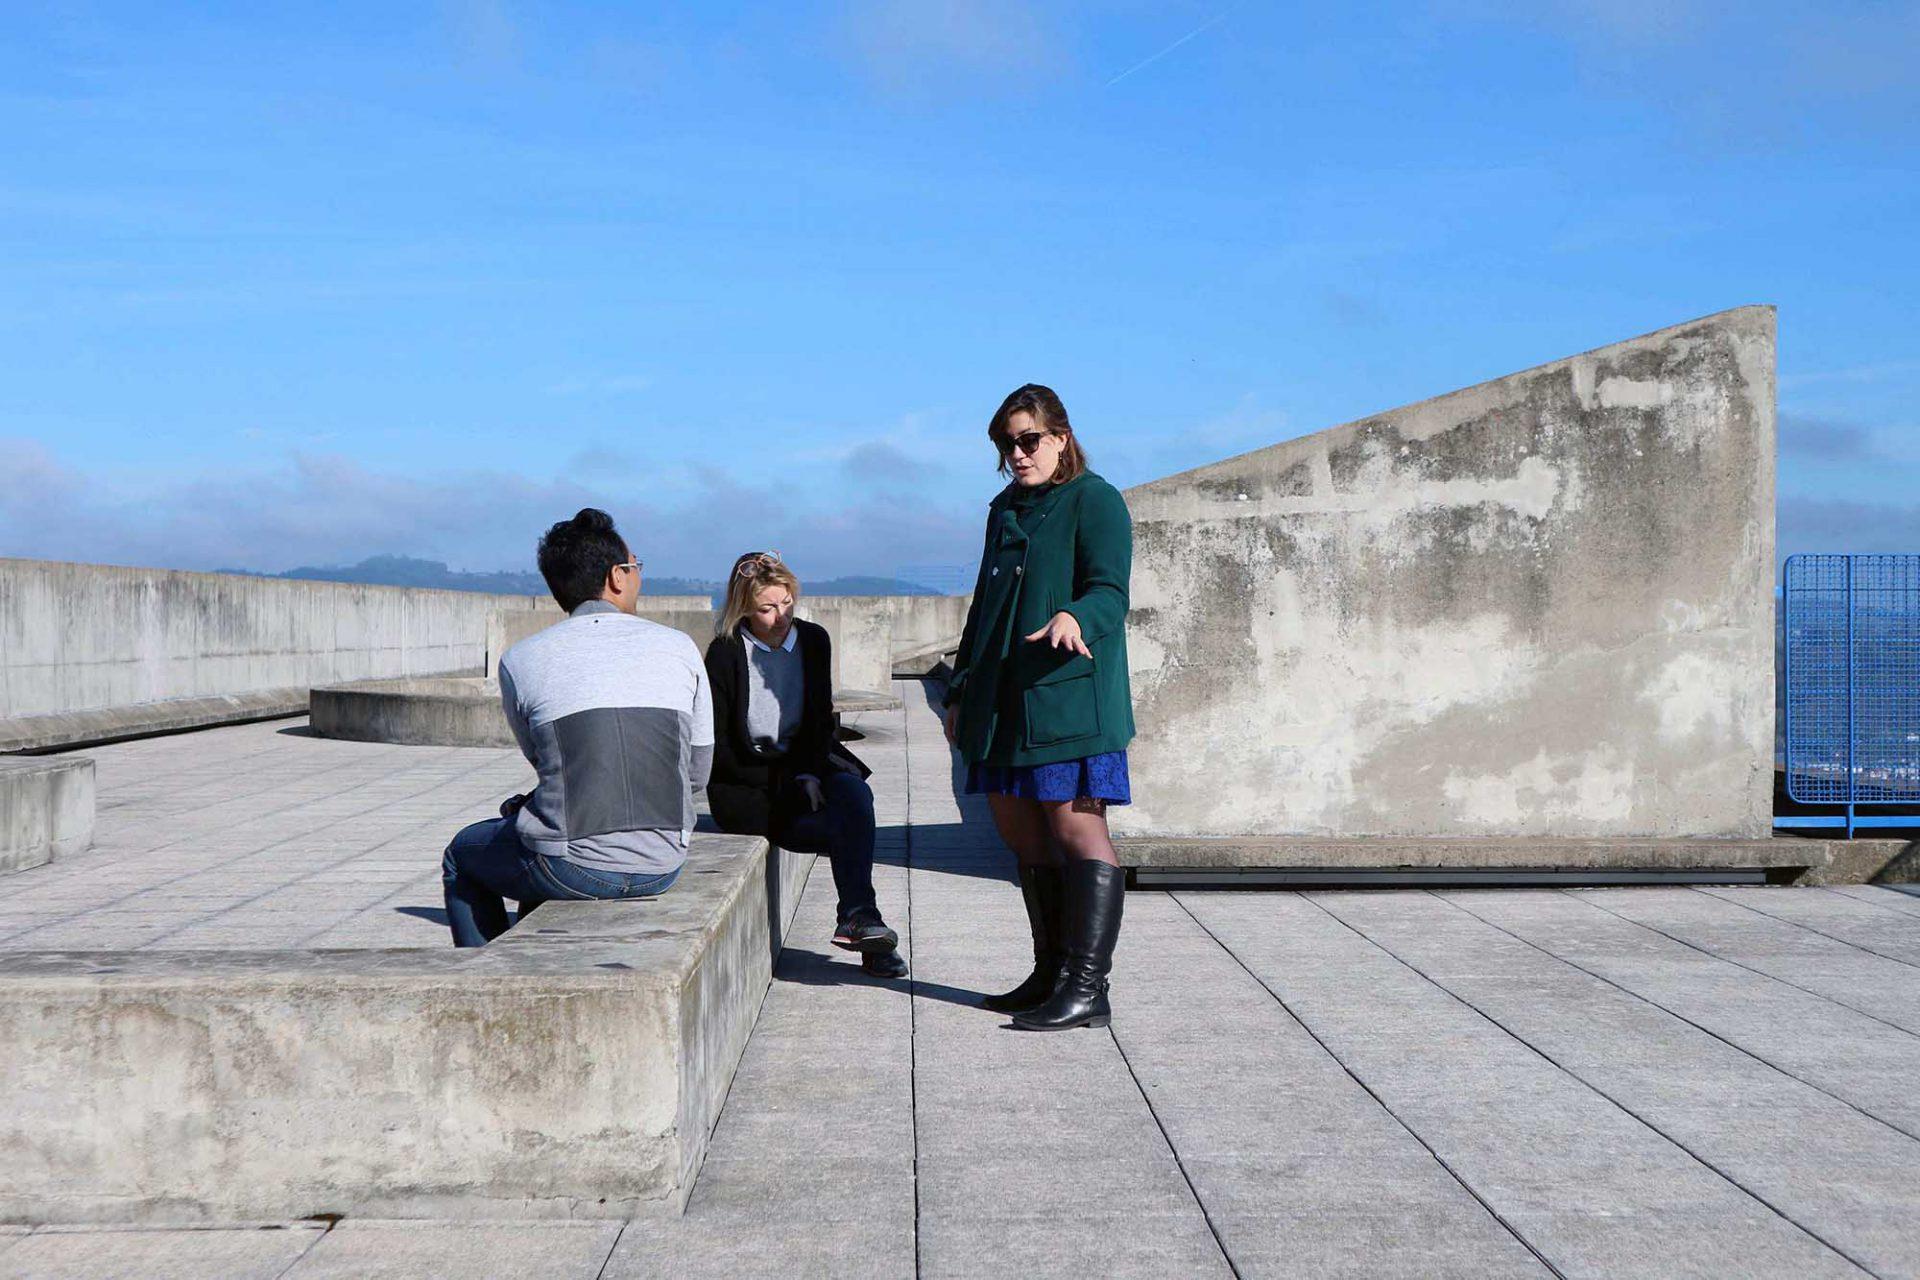 Unité d'Habitation. Wo Betongrau in allen Schattierungen dominiert, befand sich der Spielplatz der Schule. Jan Dimog (li.) im Gespräch mit Site Le Corbusier-Repräsentantin Maelle Braquet (stehend) und Sophie Vaissellet von Auvergne-Rhône-Alpes Tourisme.